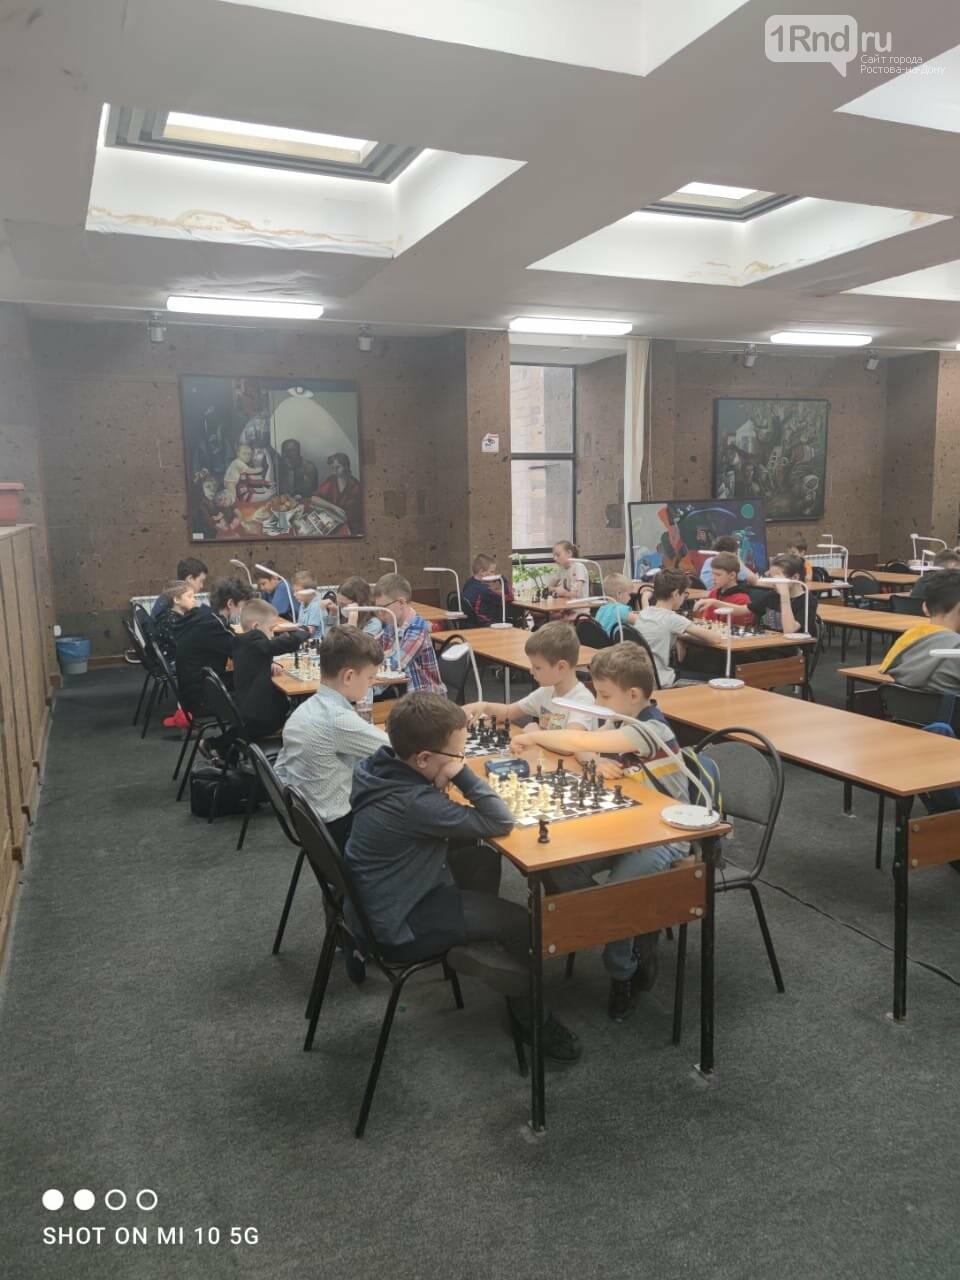 На детский турнир по быстрым шахматам в Ростове приехали участники из трёх регионов, фото-1